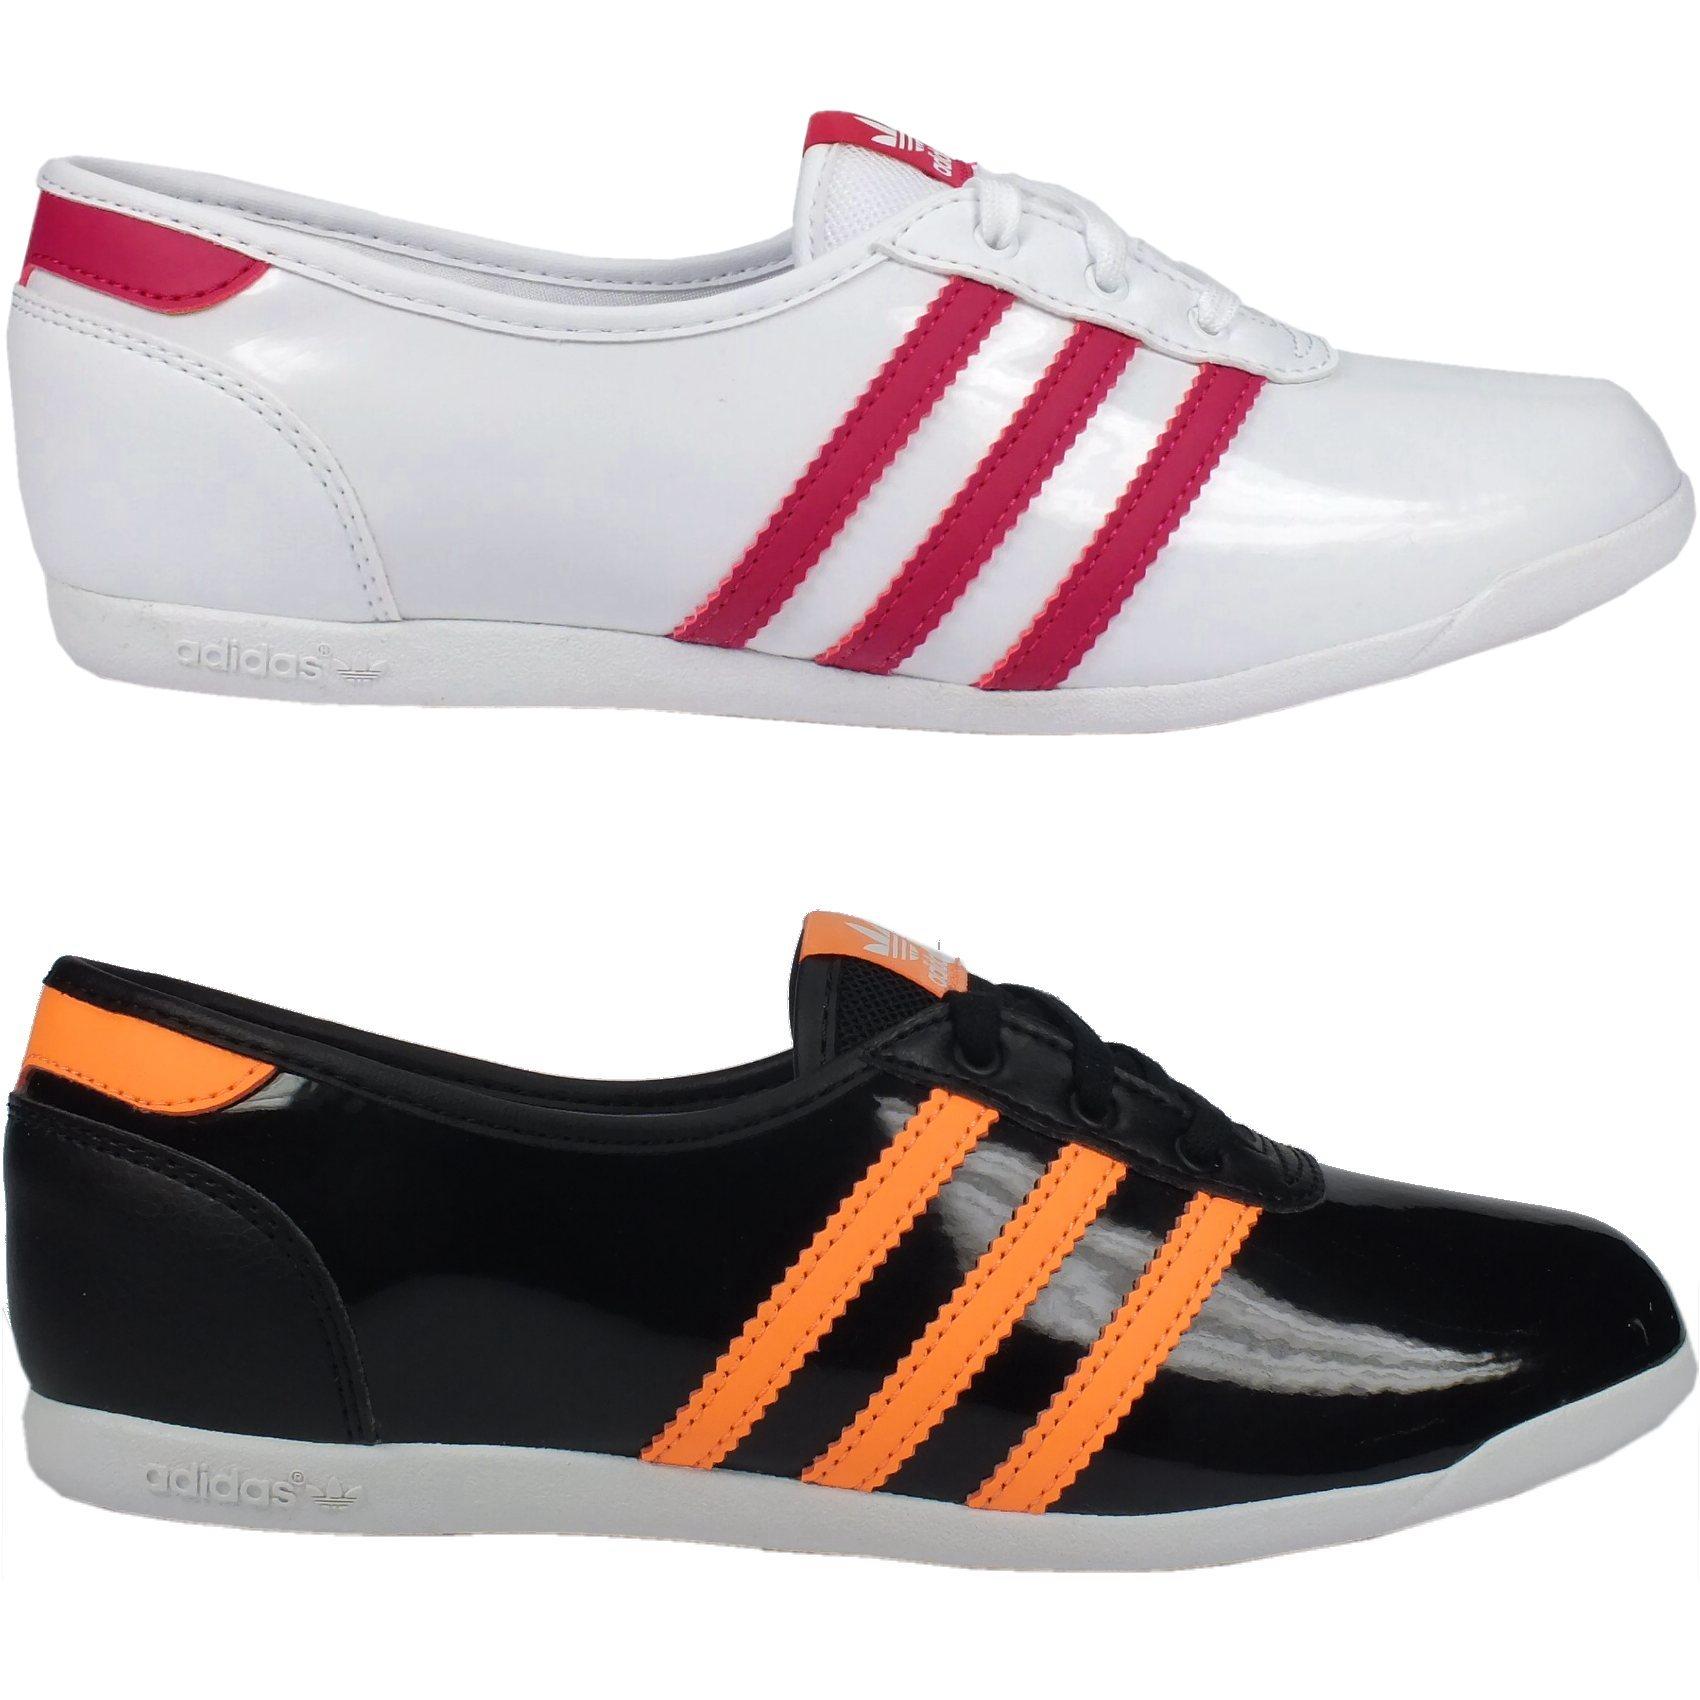 Adidas Slipper Damen geschenkemachen.de